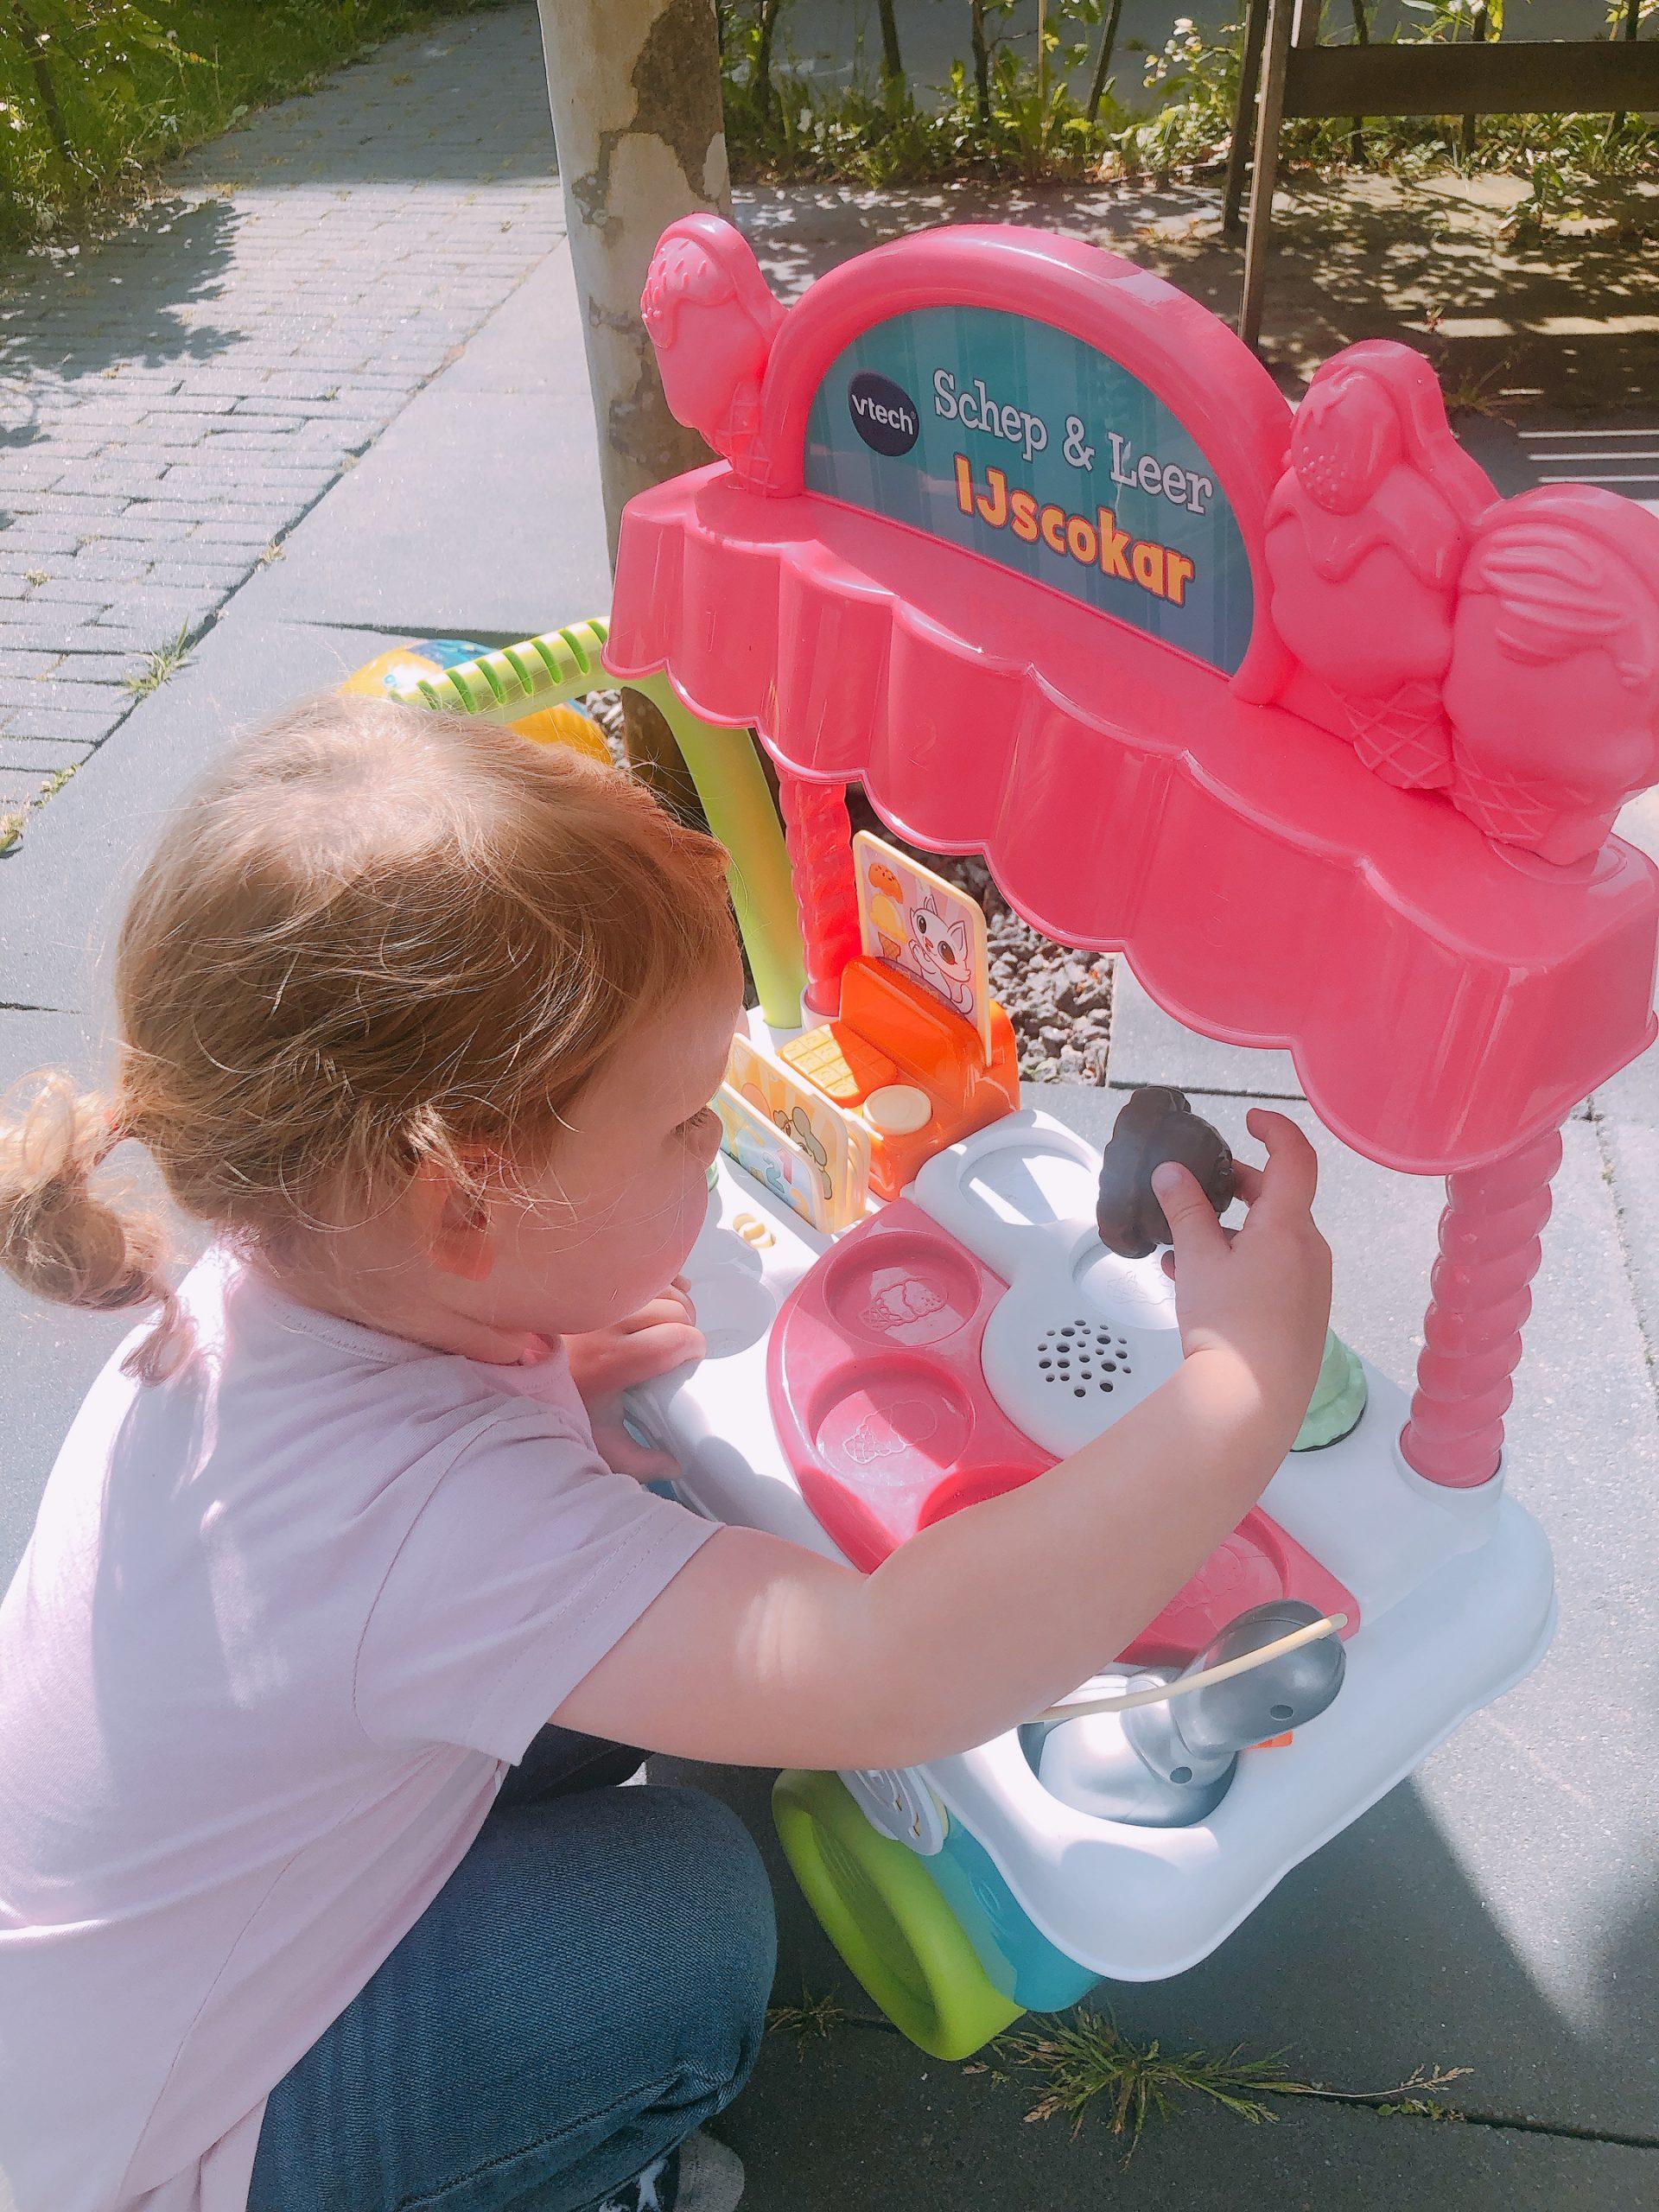 IMG 6652 scaled - Elise's Weekly Pictorama #32 - Moederdag vieren & kindjes terug naar school!